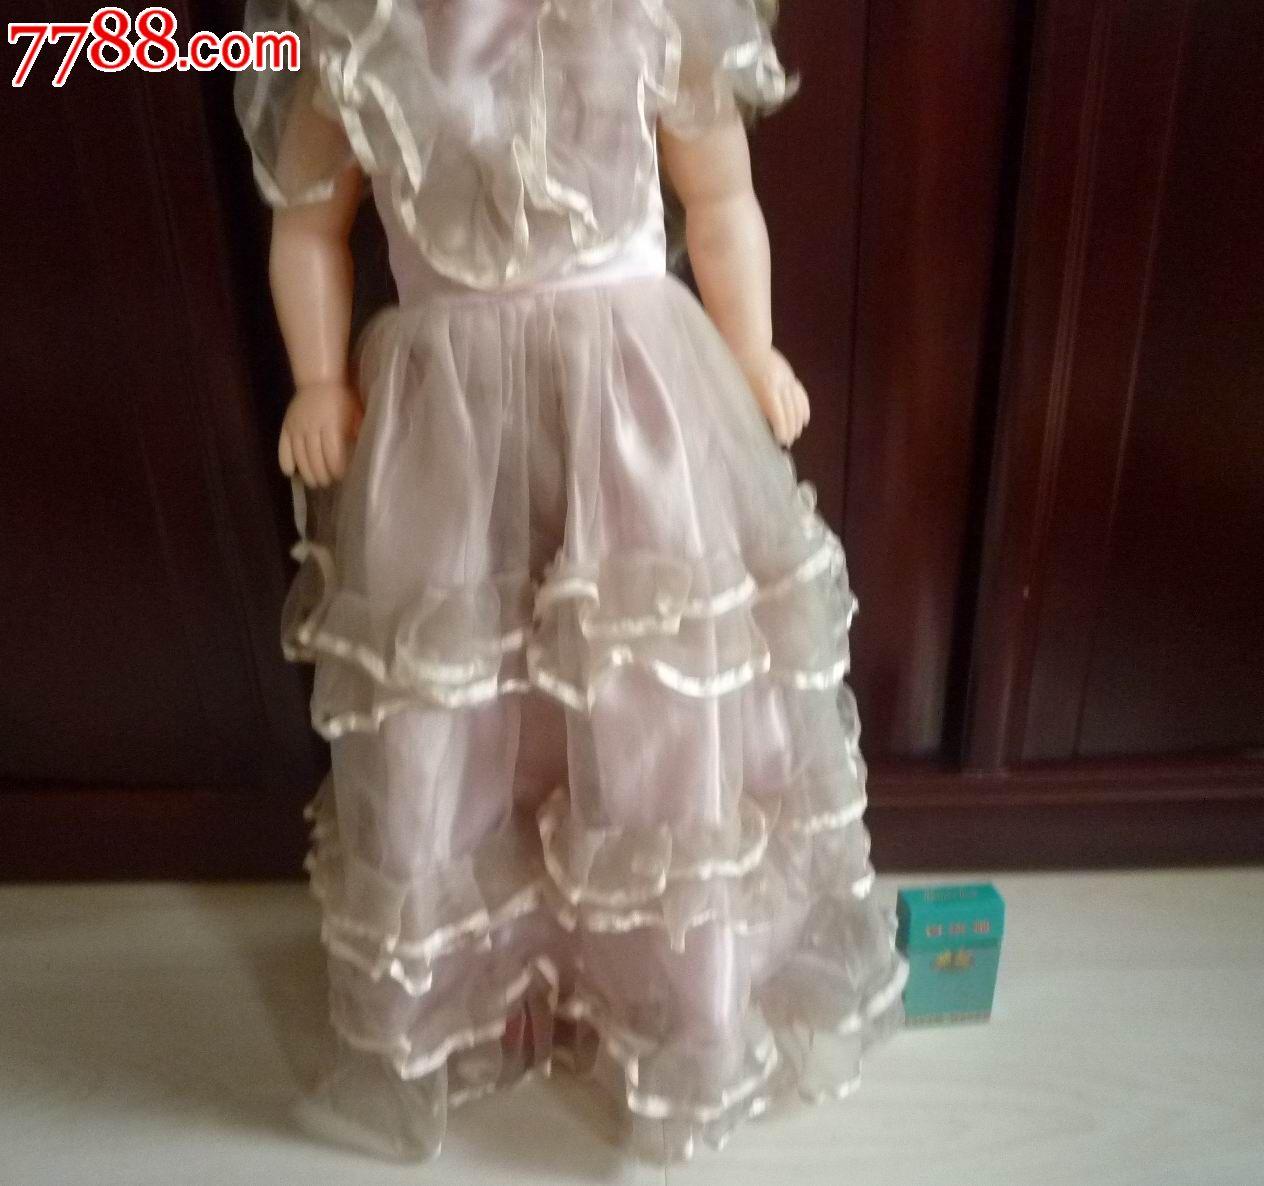 怀旧经典收藏漂亮可爱公主女孩娃娃